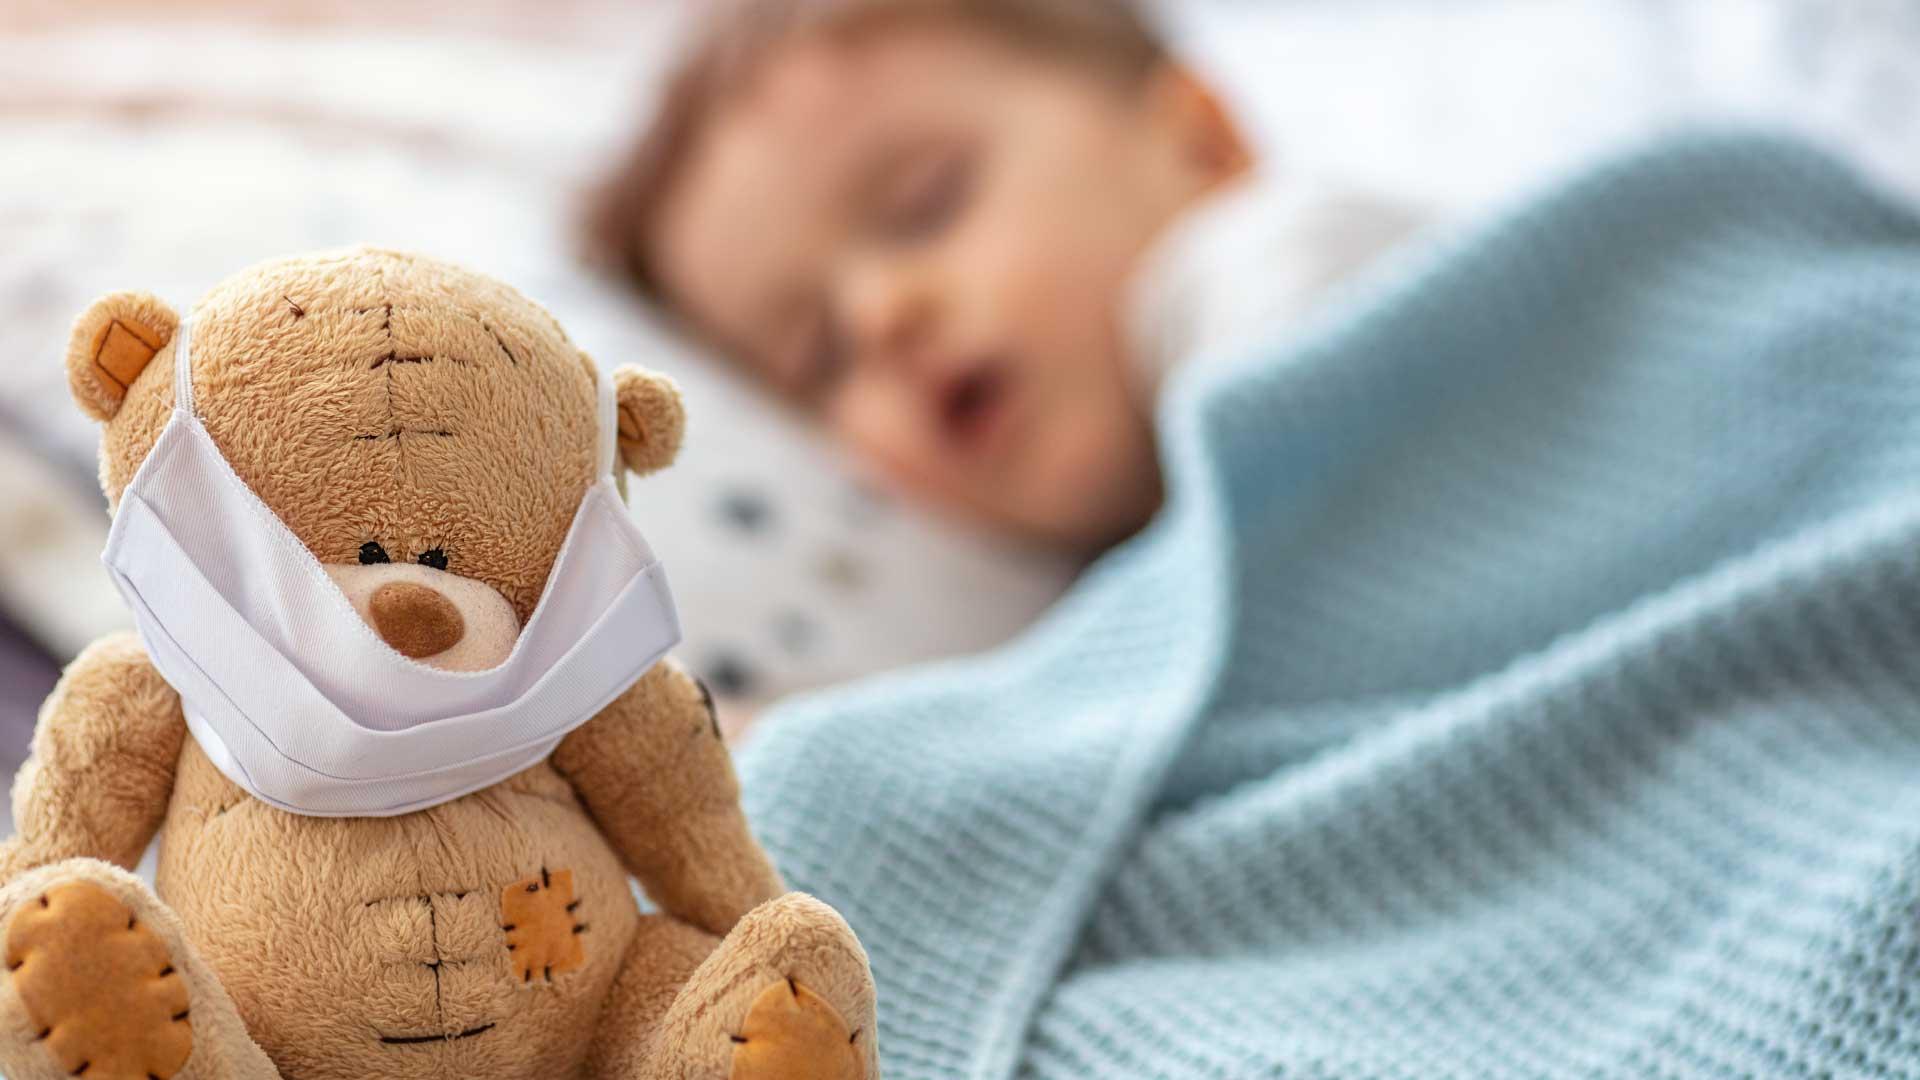 Como ajudar no desenvolvimento do seu filho durante o distanciamento?